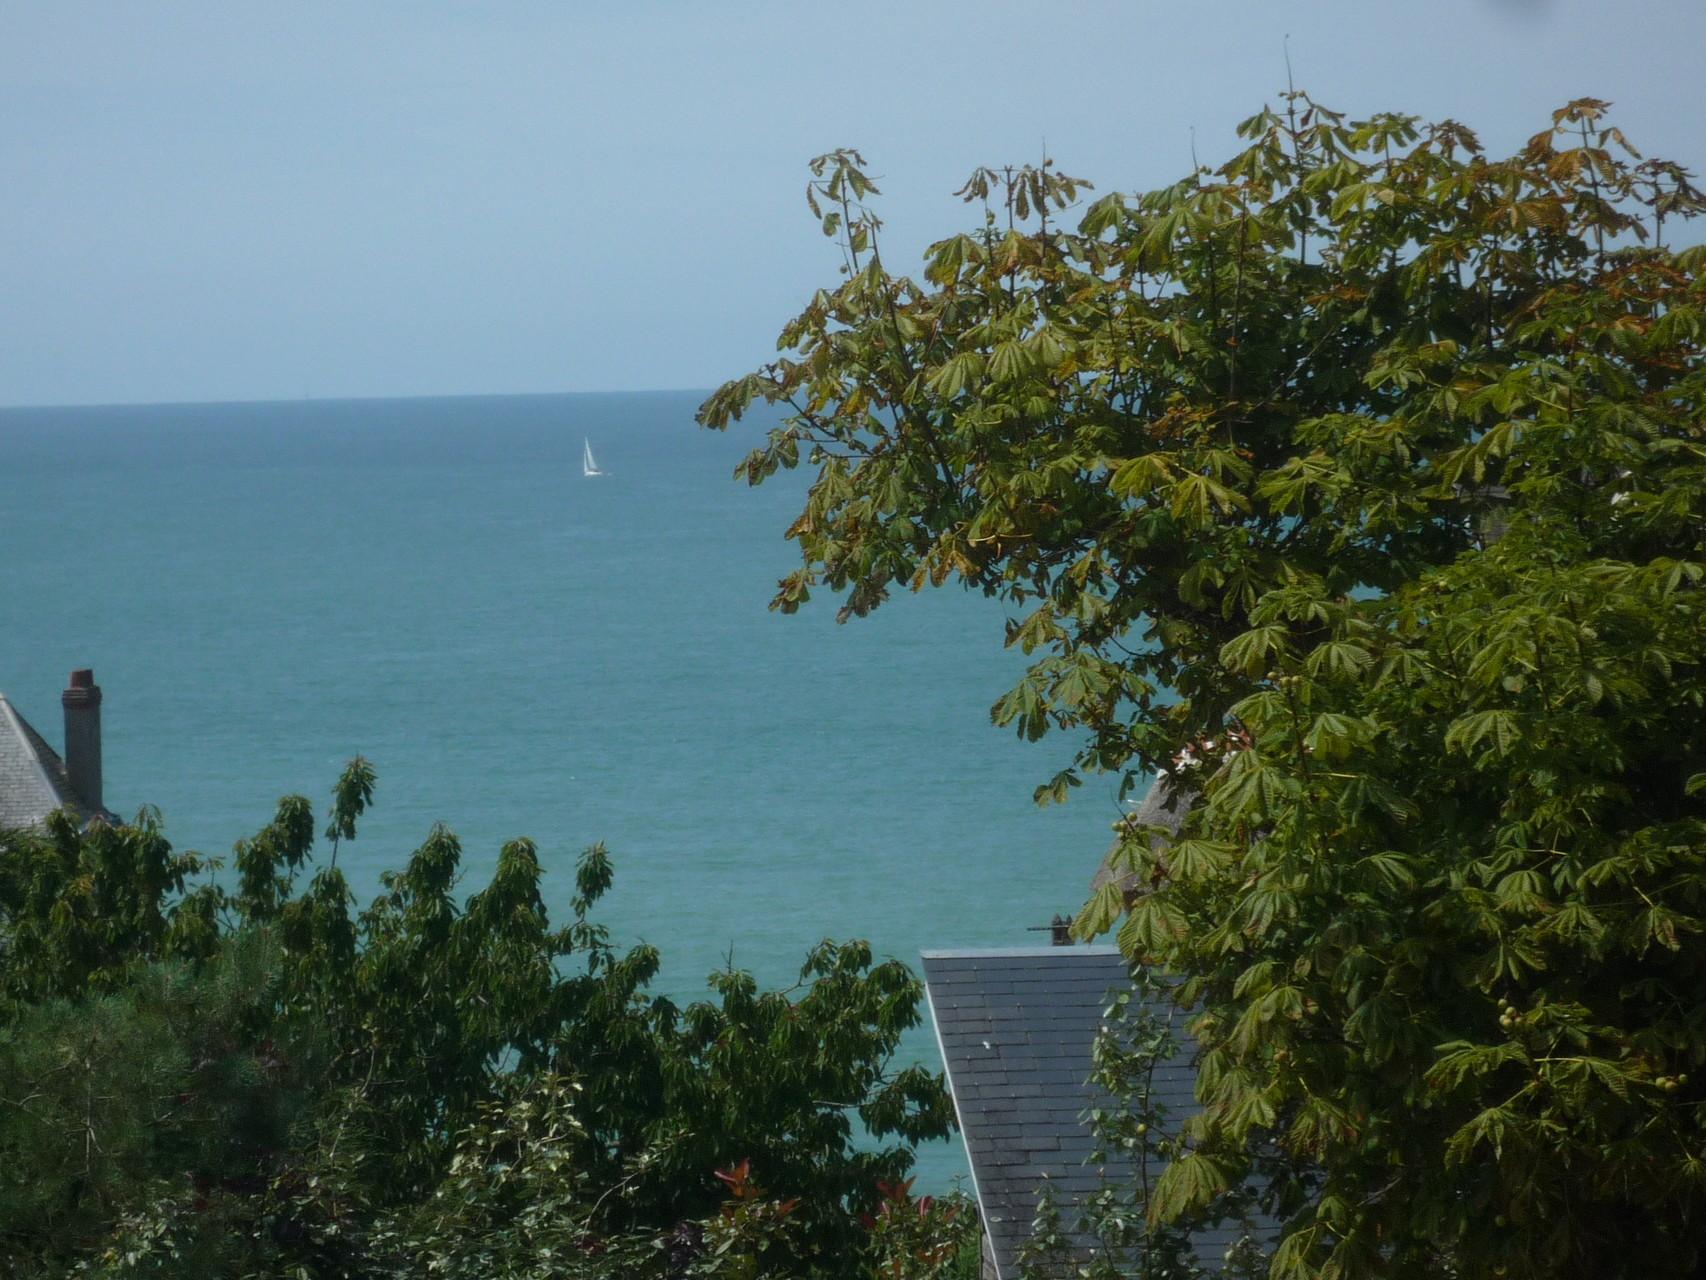 Vue sur la mer et les arbres, depuis la terrasse